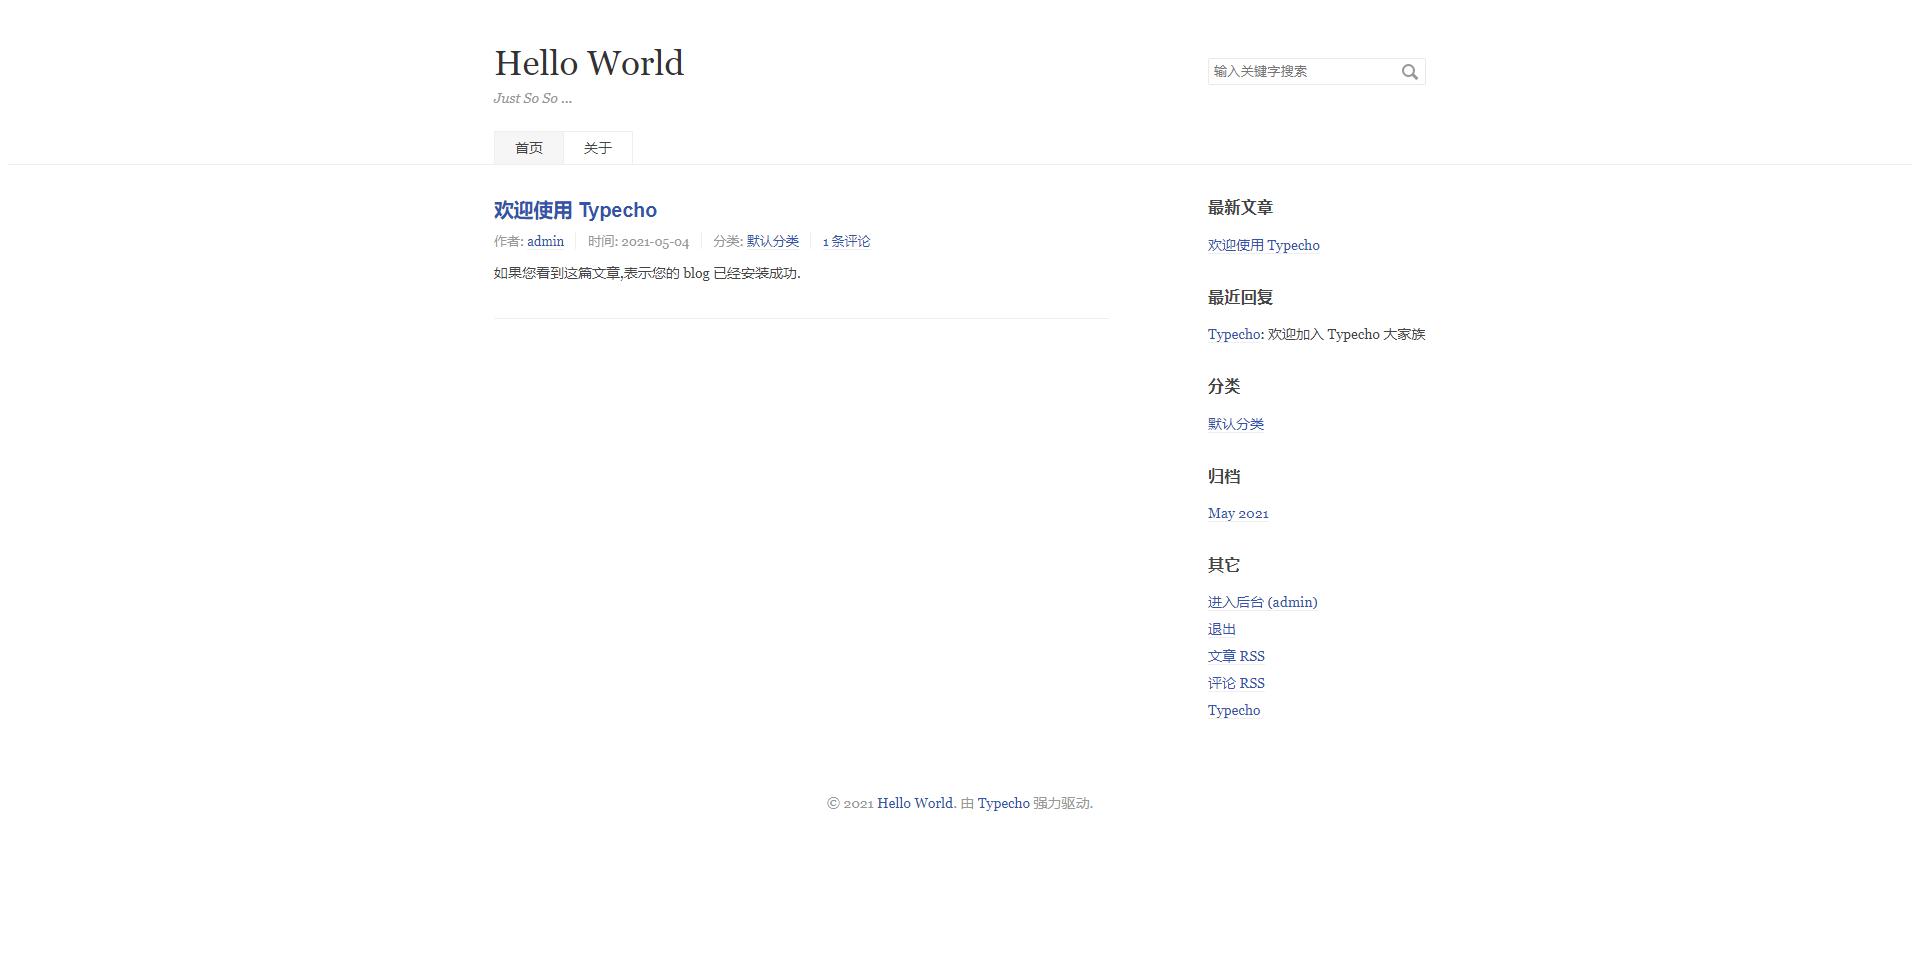 Typecho博客程序